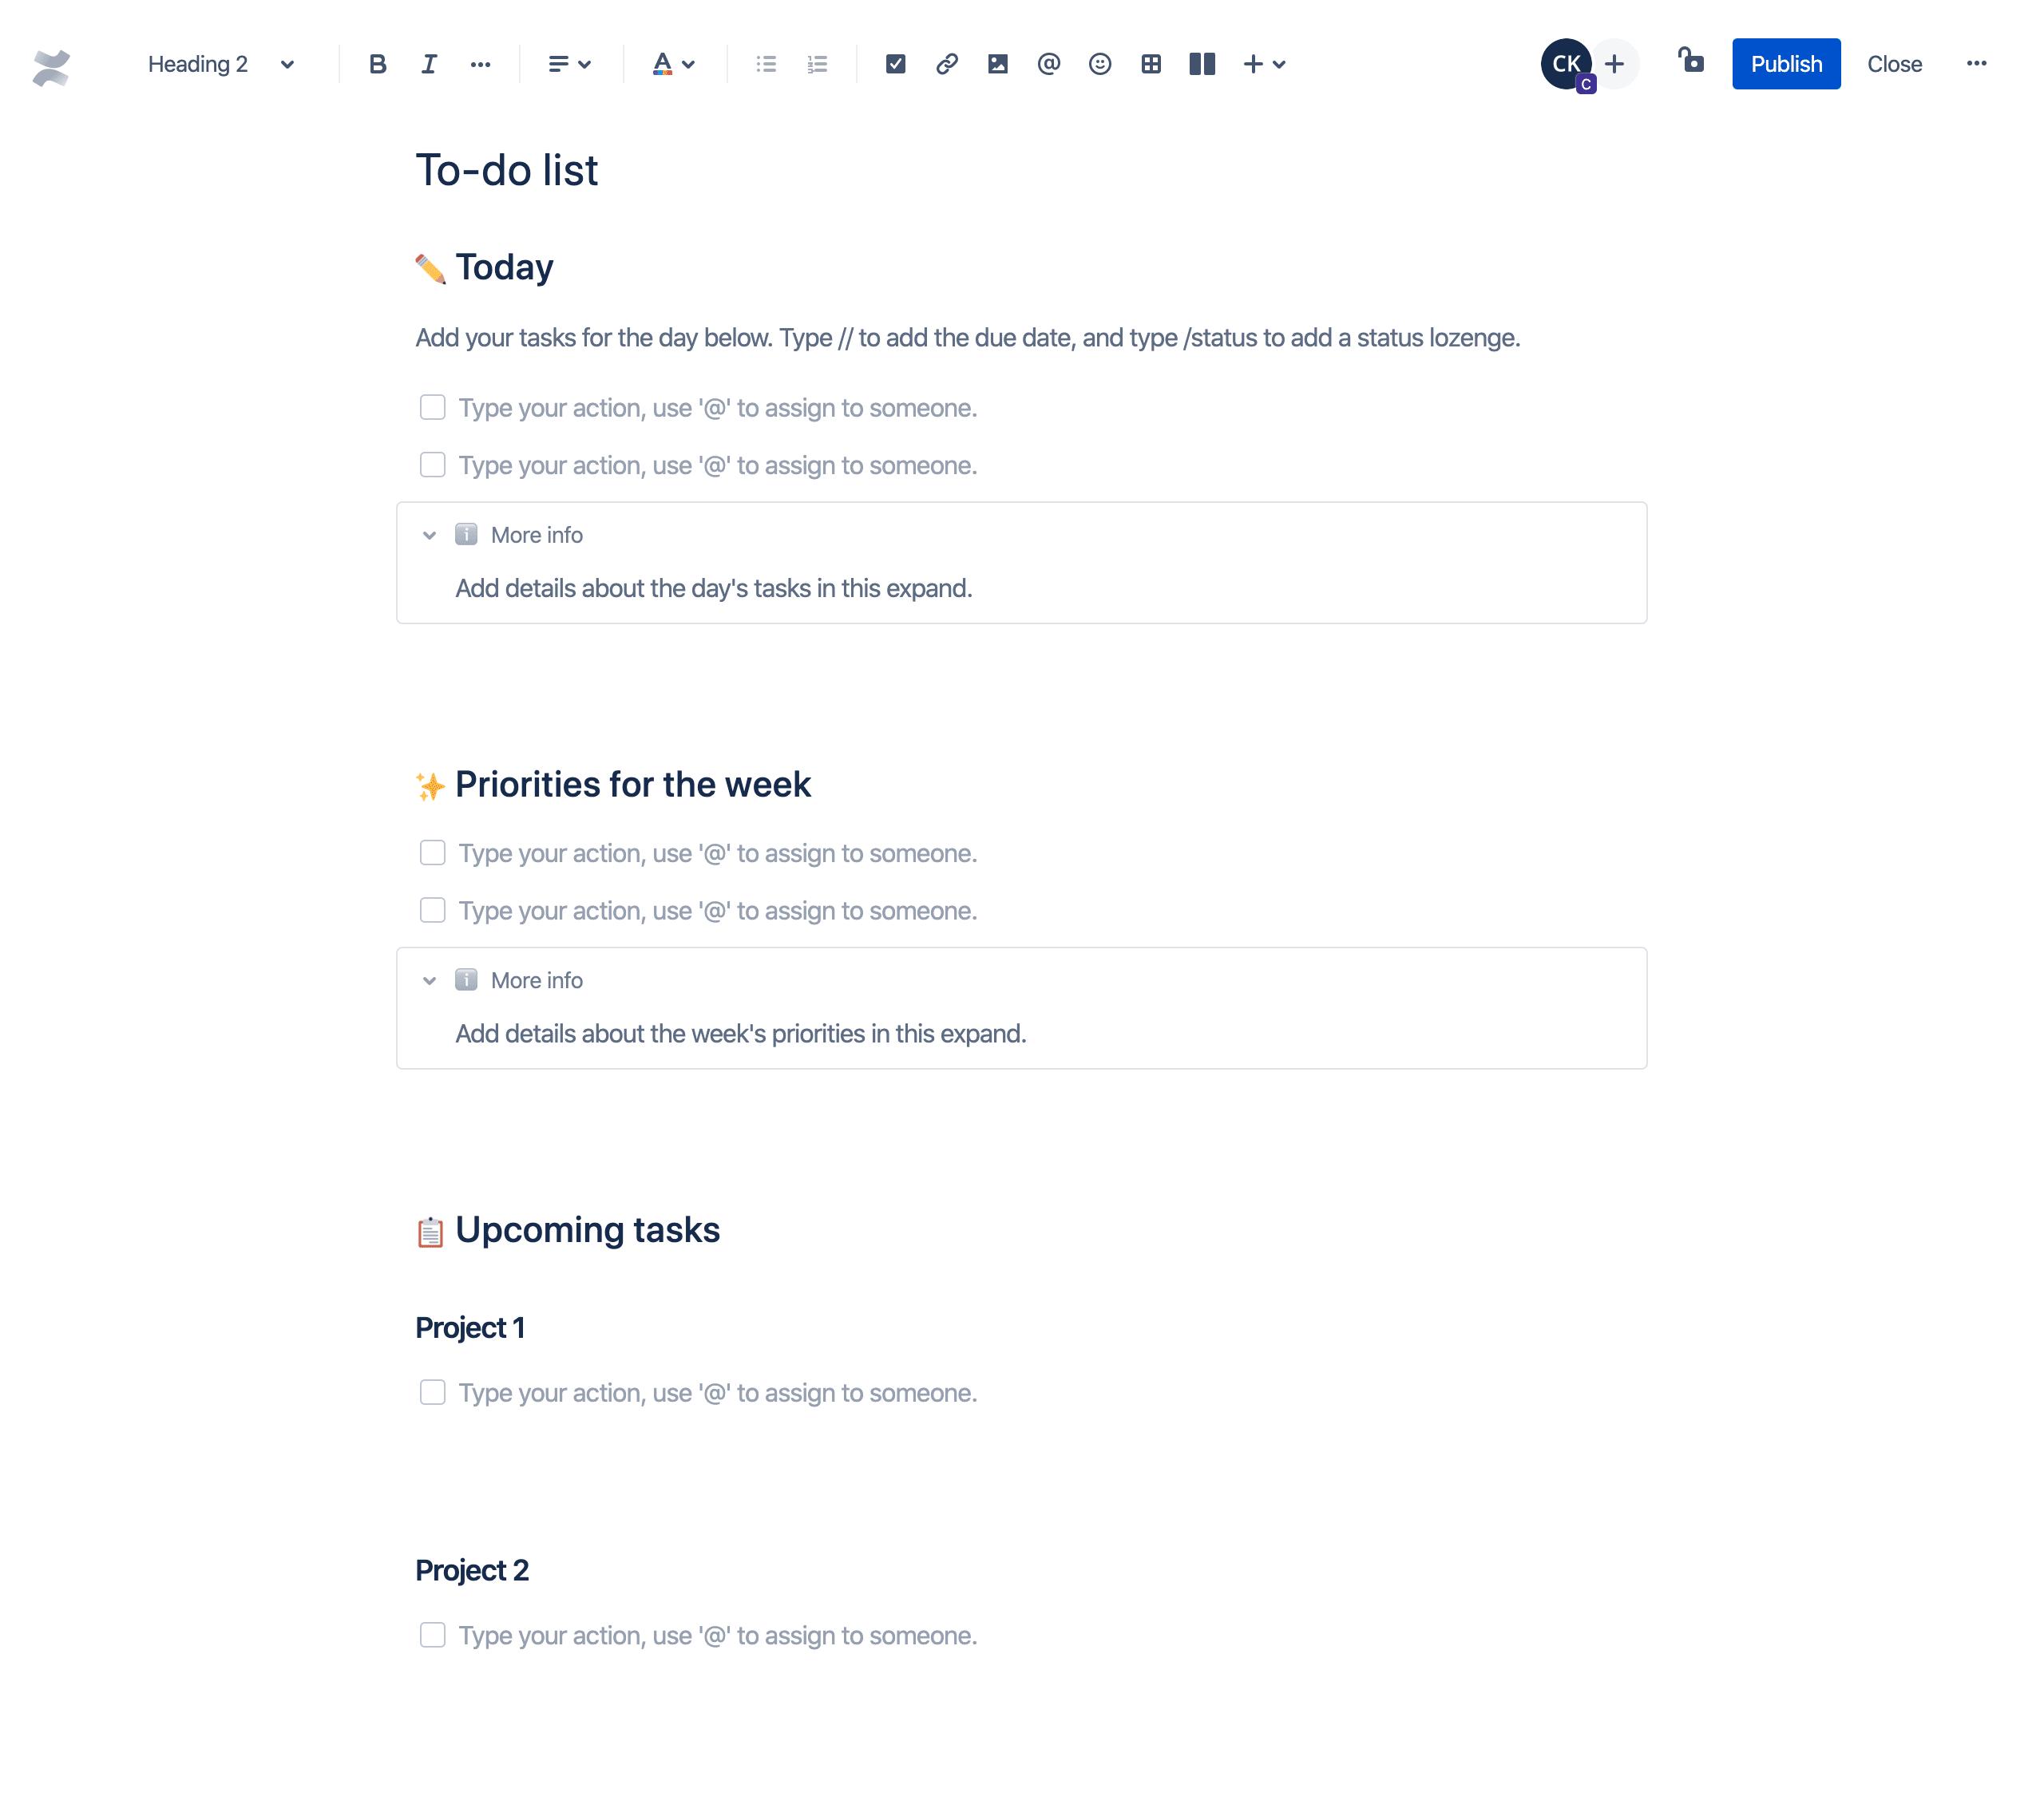 Modèle de liste des tâches à accomplir